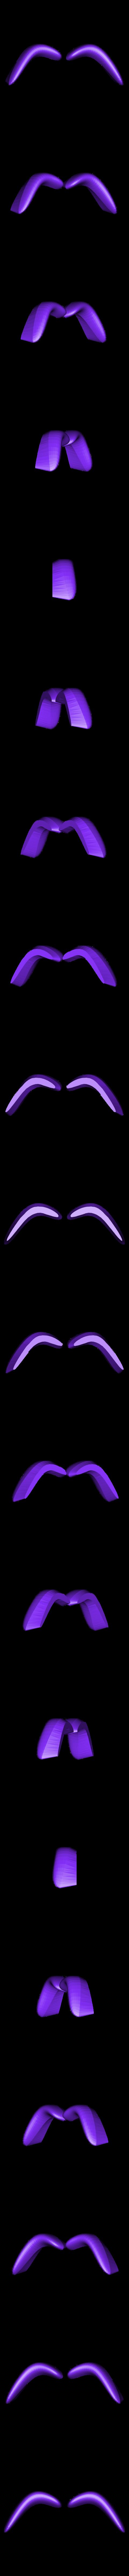 eye_brows.stl Télécharger fichier STL gratuit La Chenille • Modèle pour imprimante 3D, reddadsteve